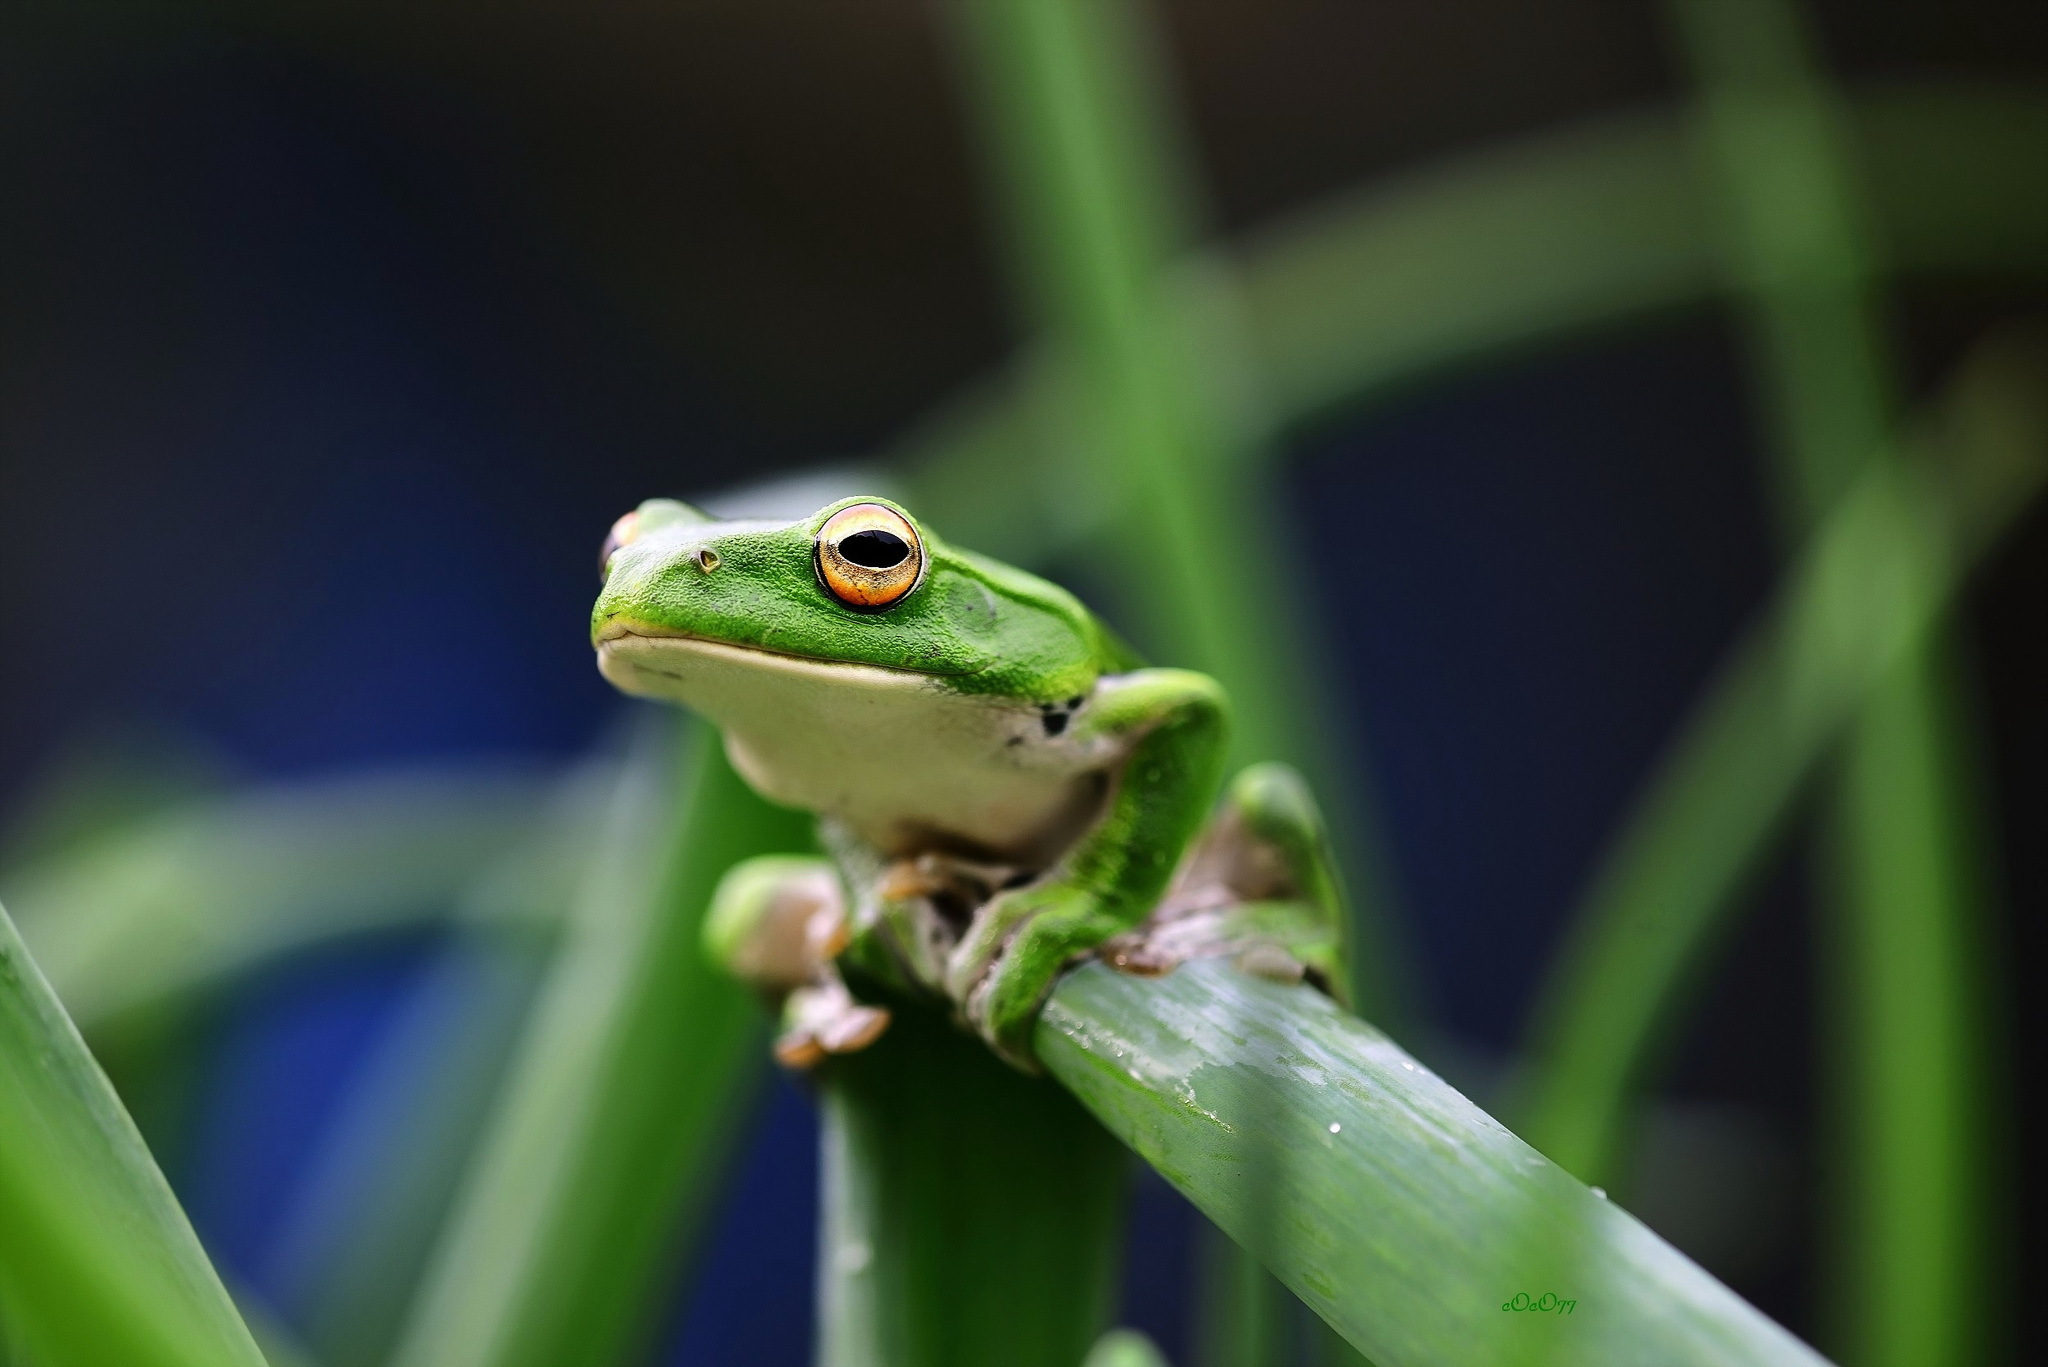 Skrivebordsbakgrunn frosken Gress Dyr Blikk Frosker ser